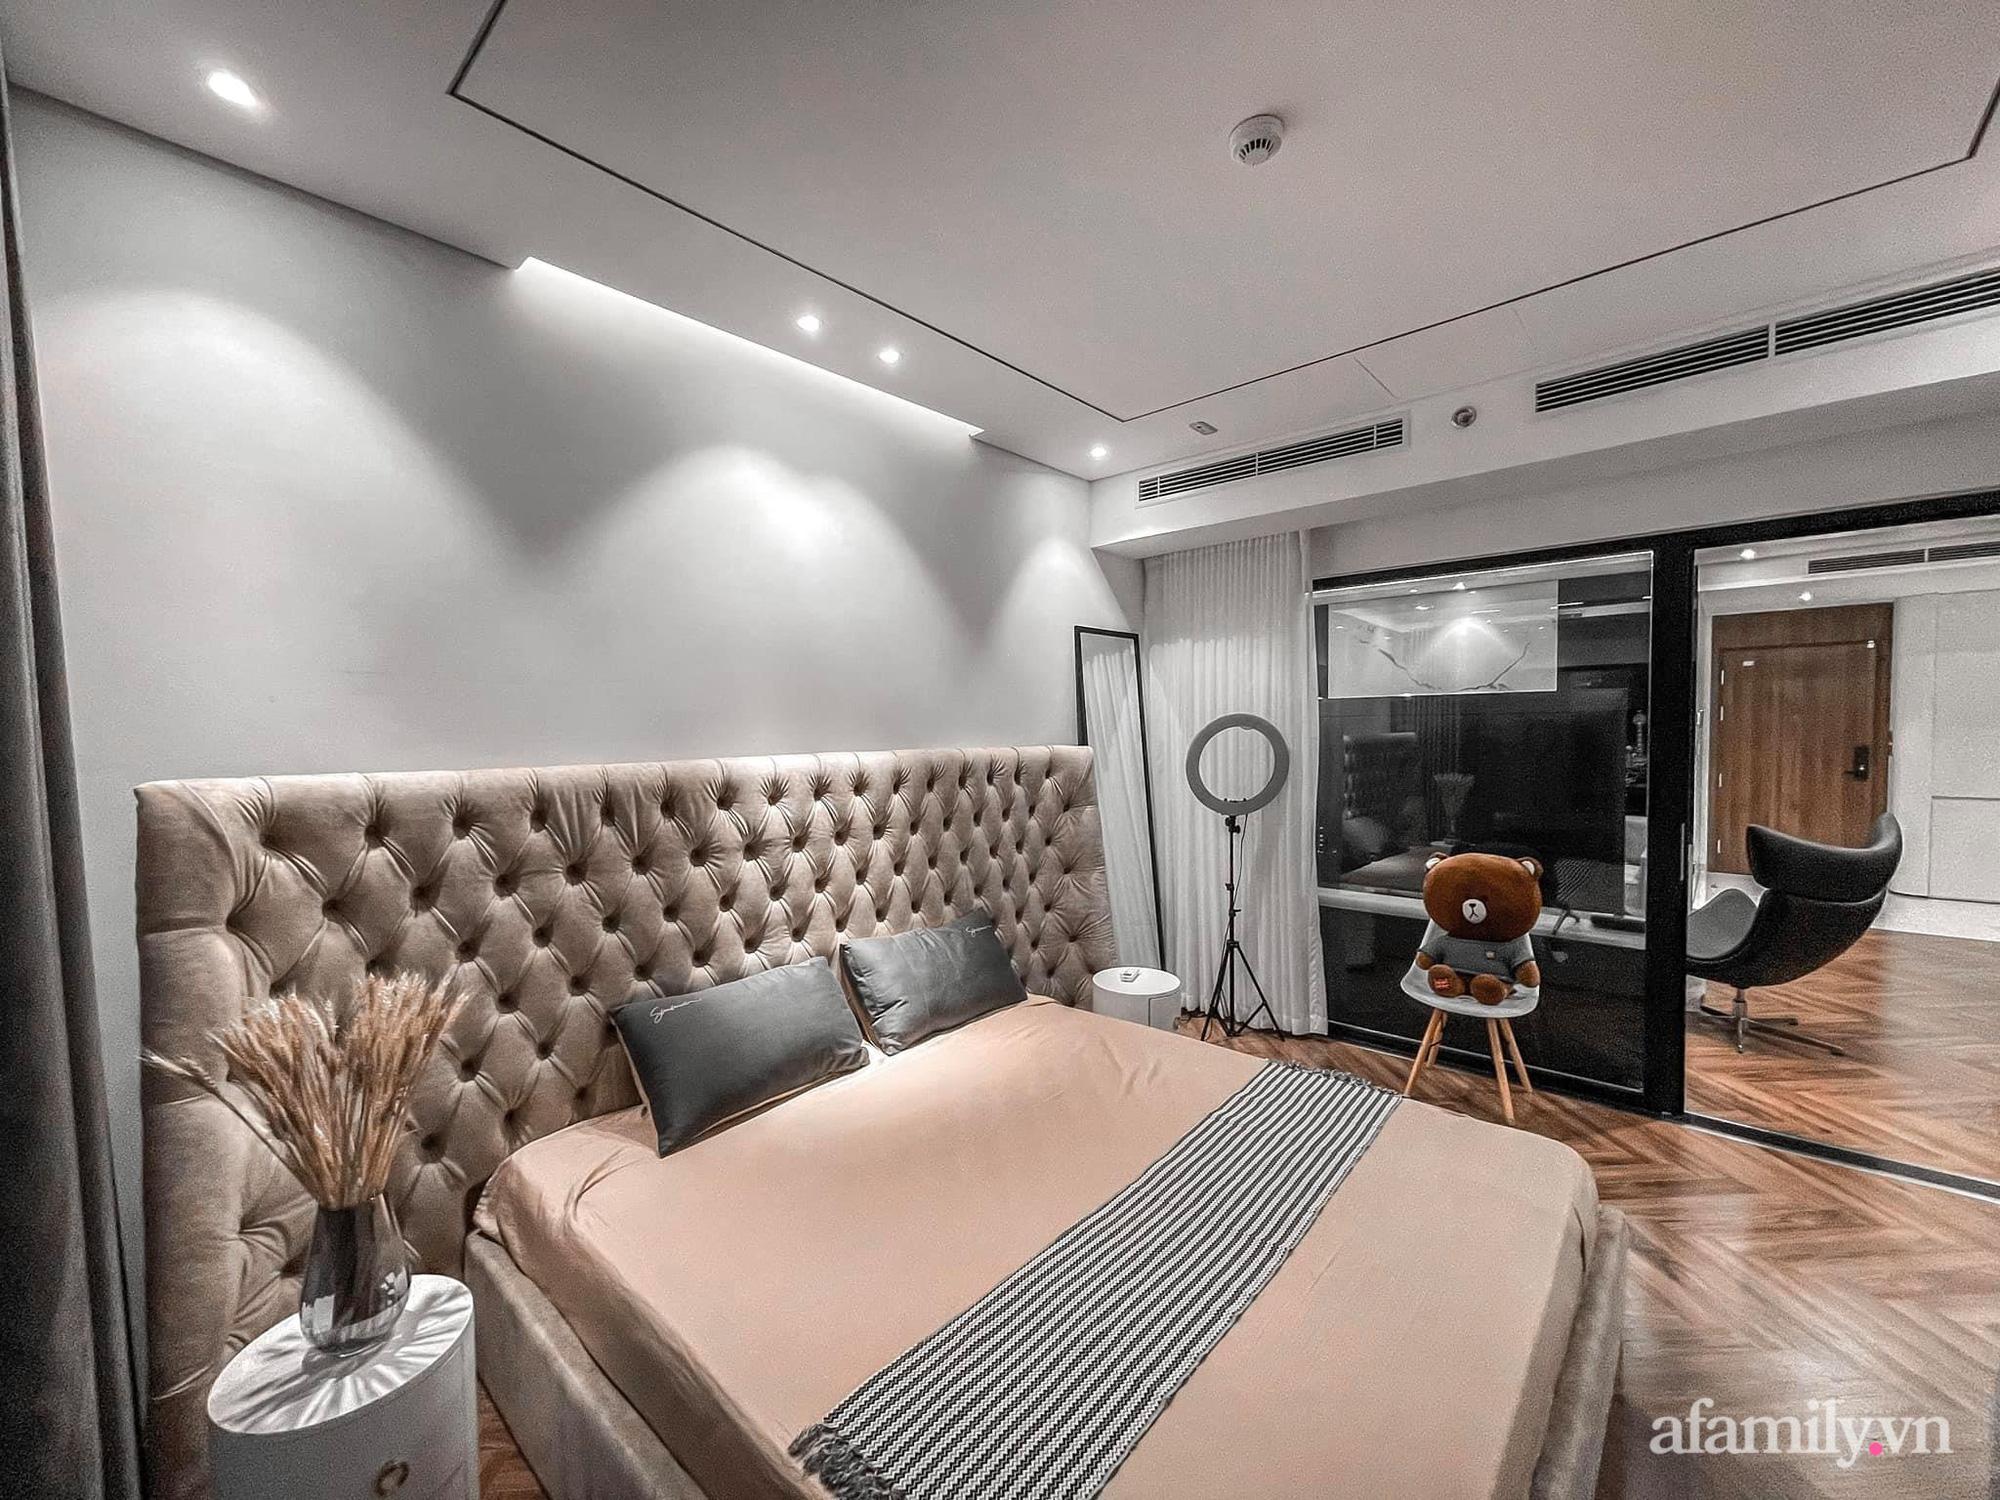 Căn hộ 125m² với gam màu tối cực chất của cặp vợ chồng yêu thời trang ở Hà Nội - Ảnh 22.